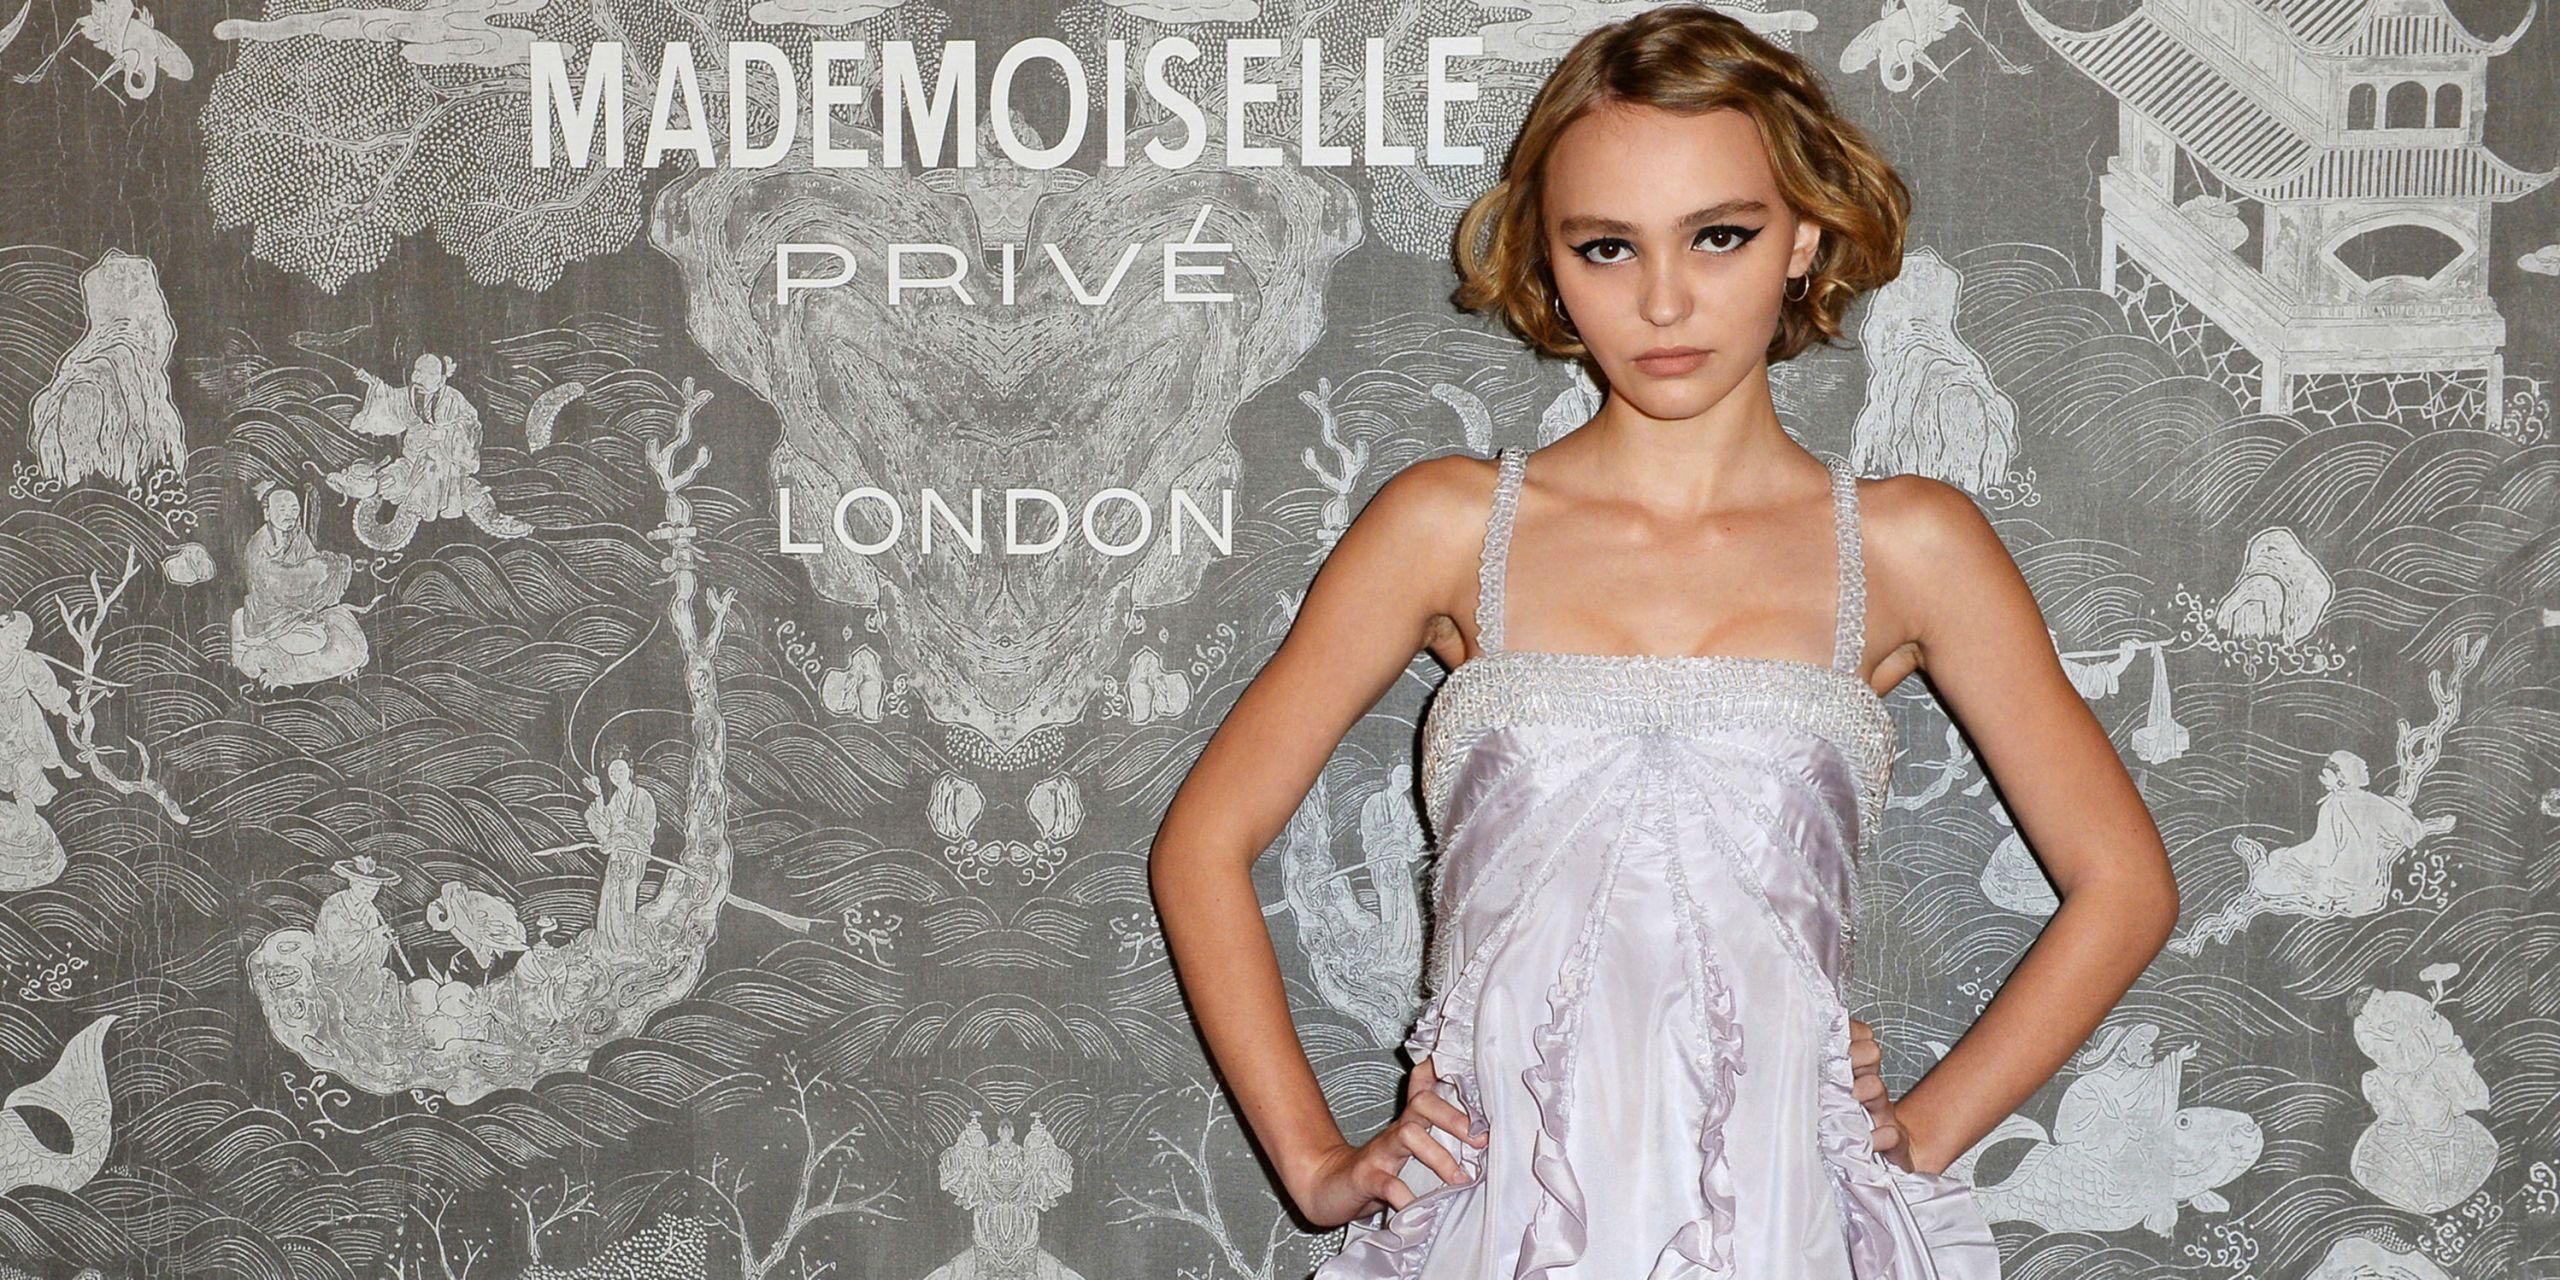 Chanel Ambassadors Fête the Mademoiselle Privé Exhibition